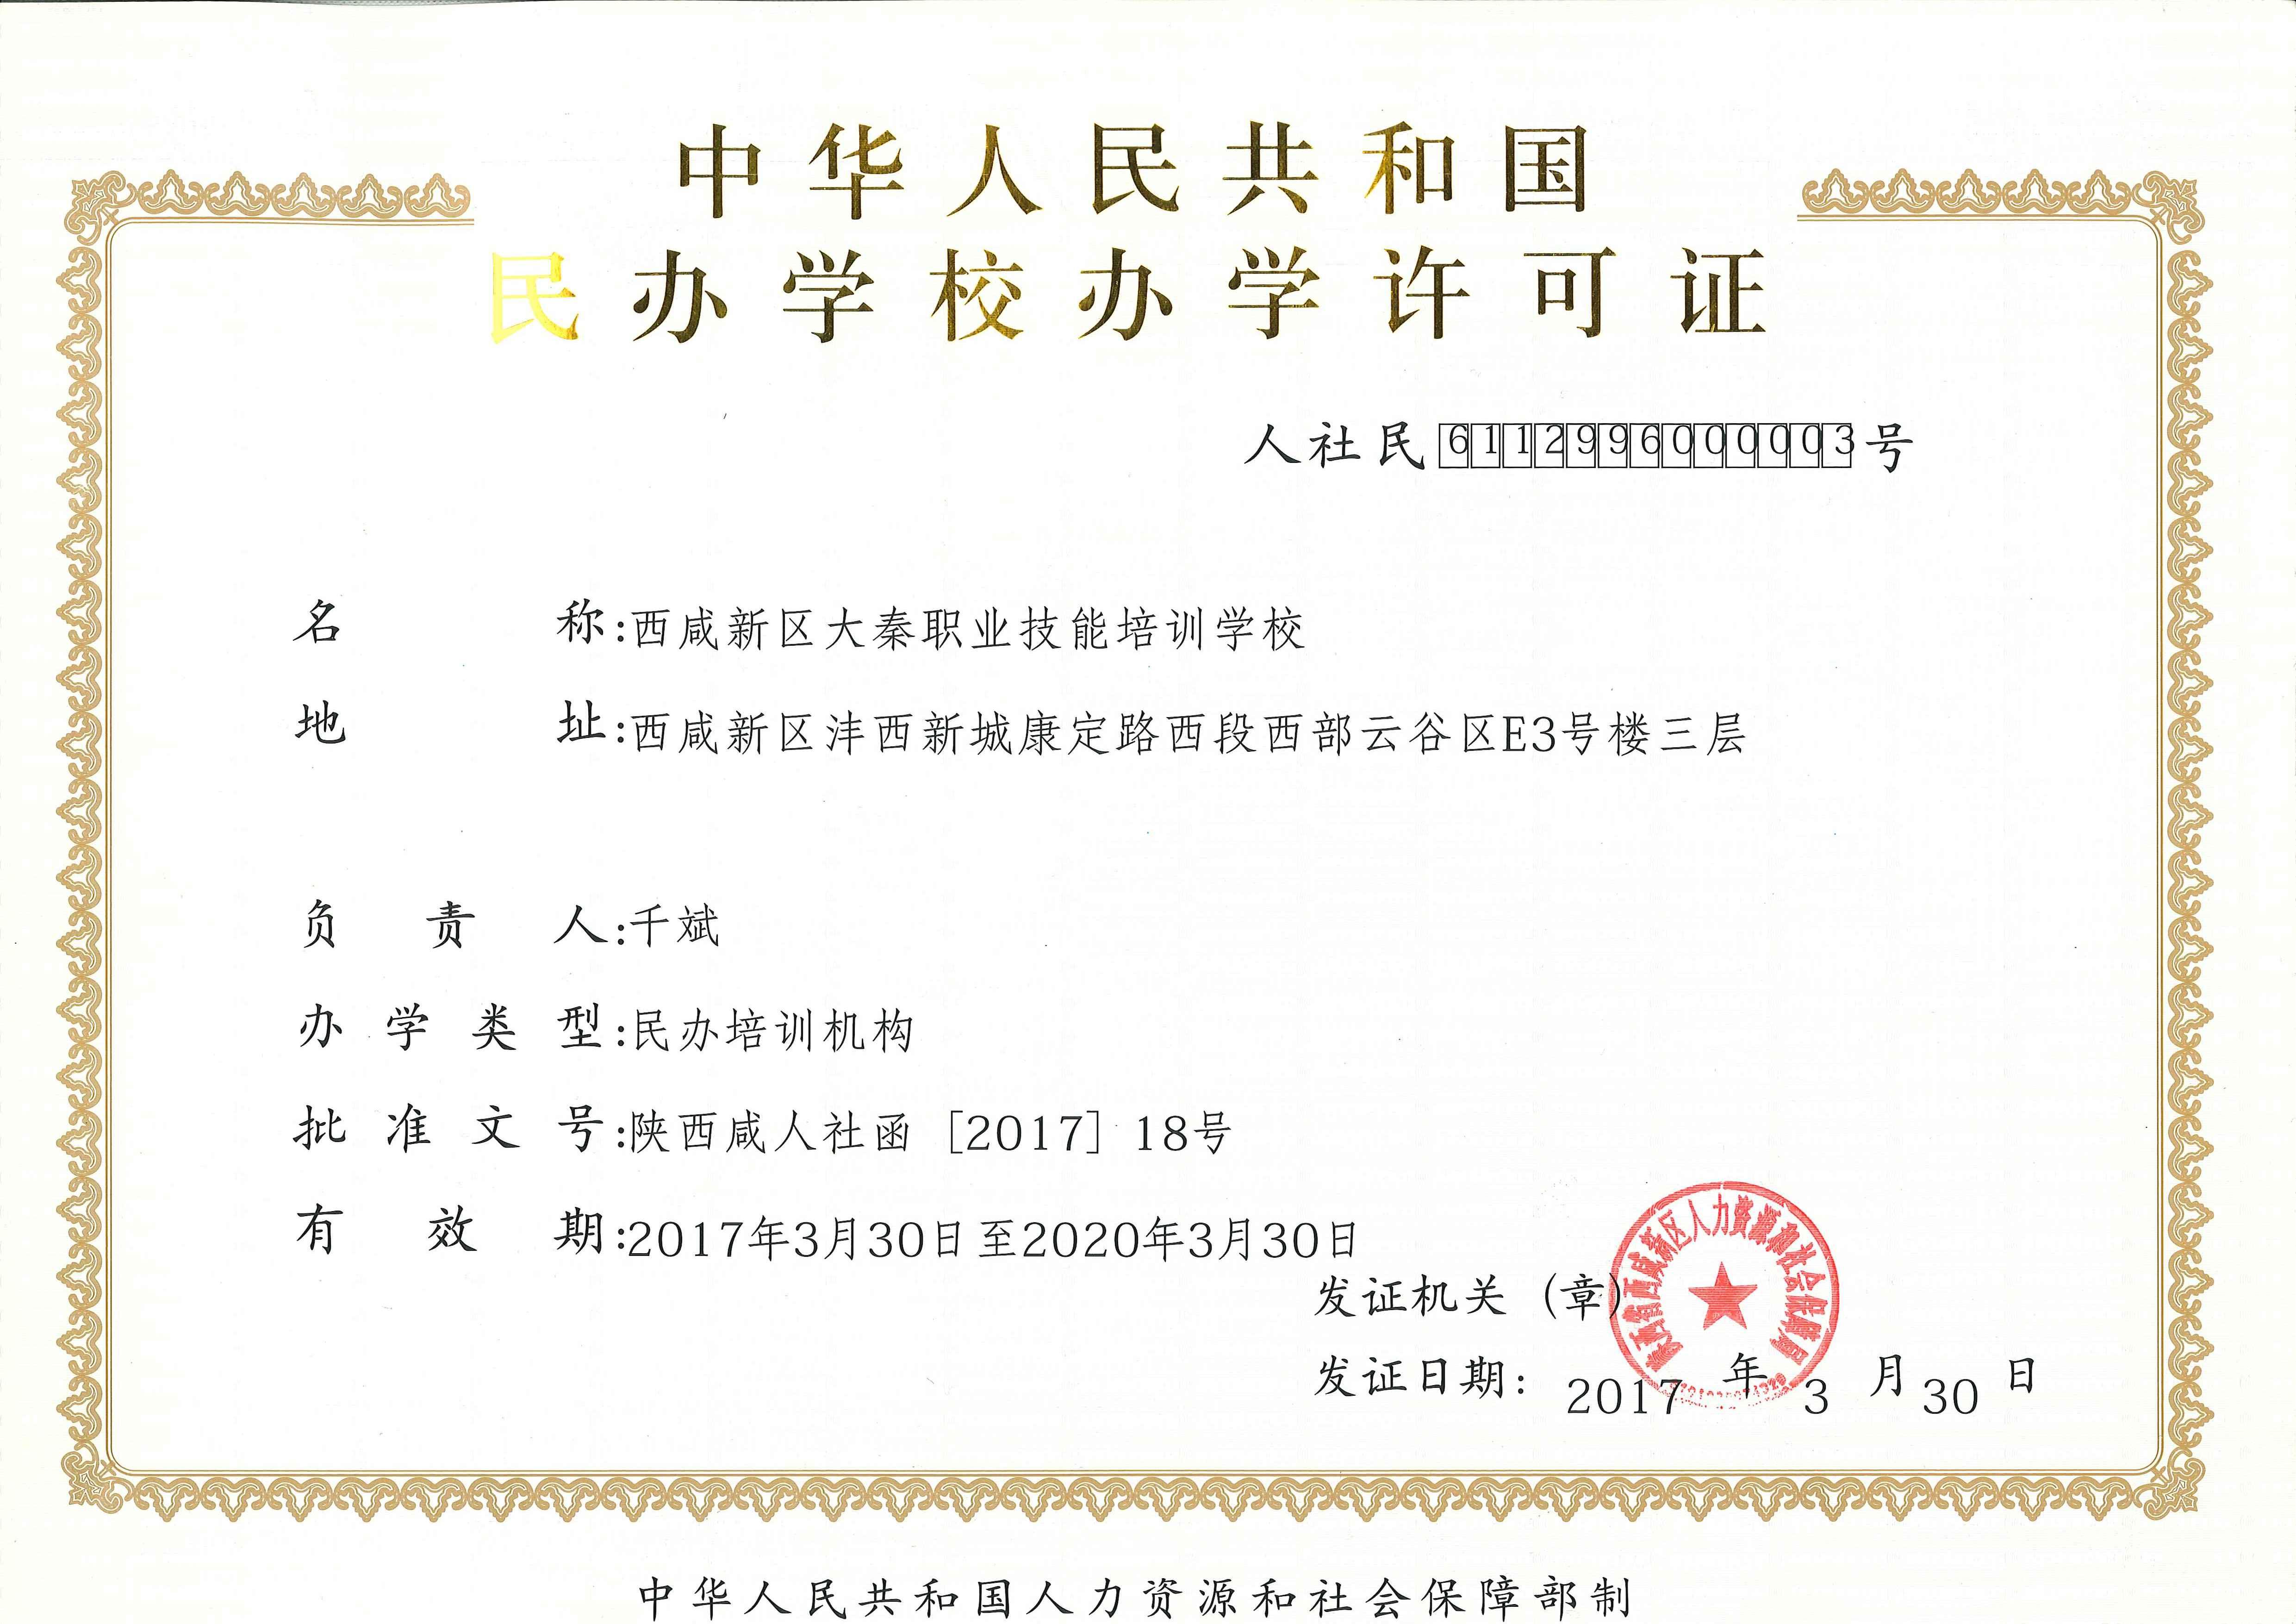 yuefutongzhixiaoshuo_http://www.xixianxinqu.gov.cn/aboutx/tongzhi/2017/0406/10180.